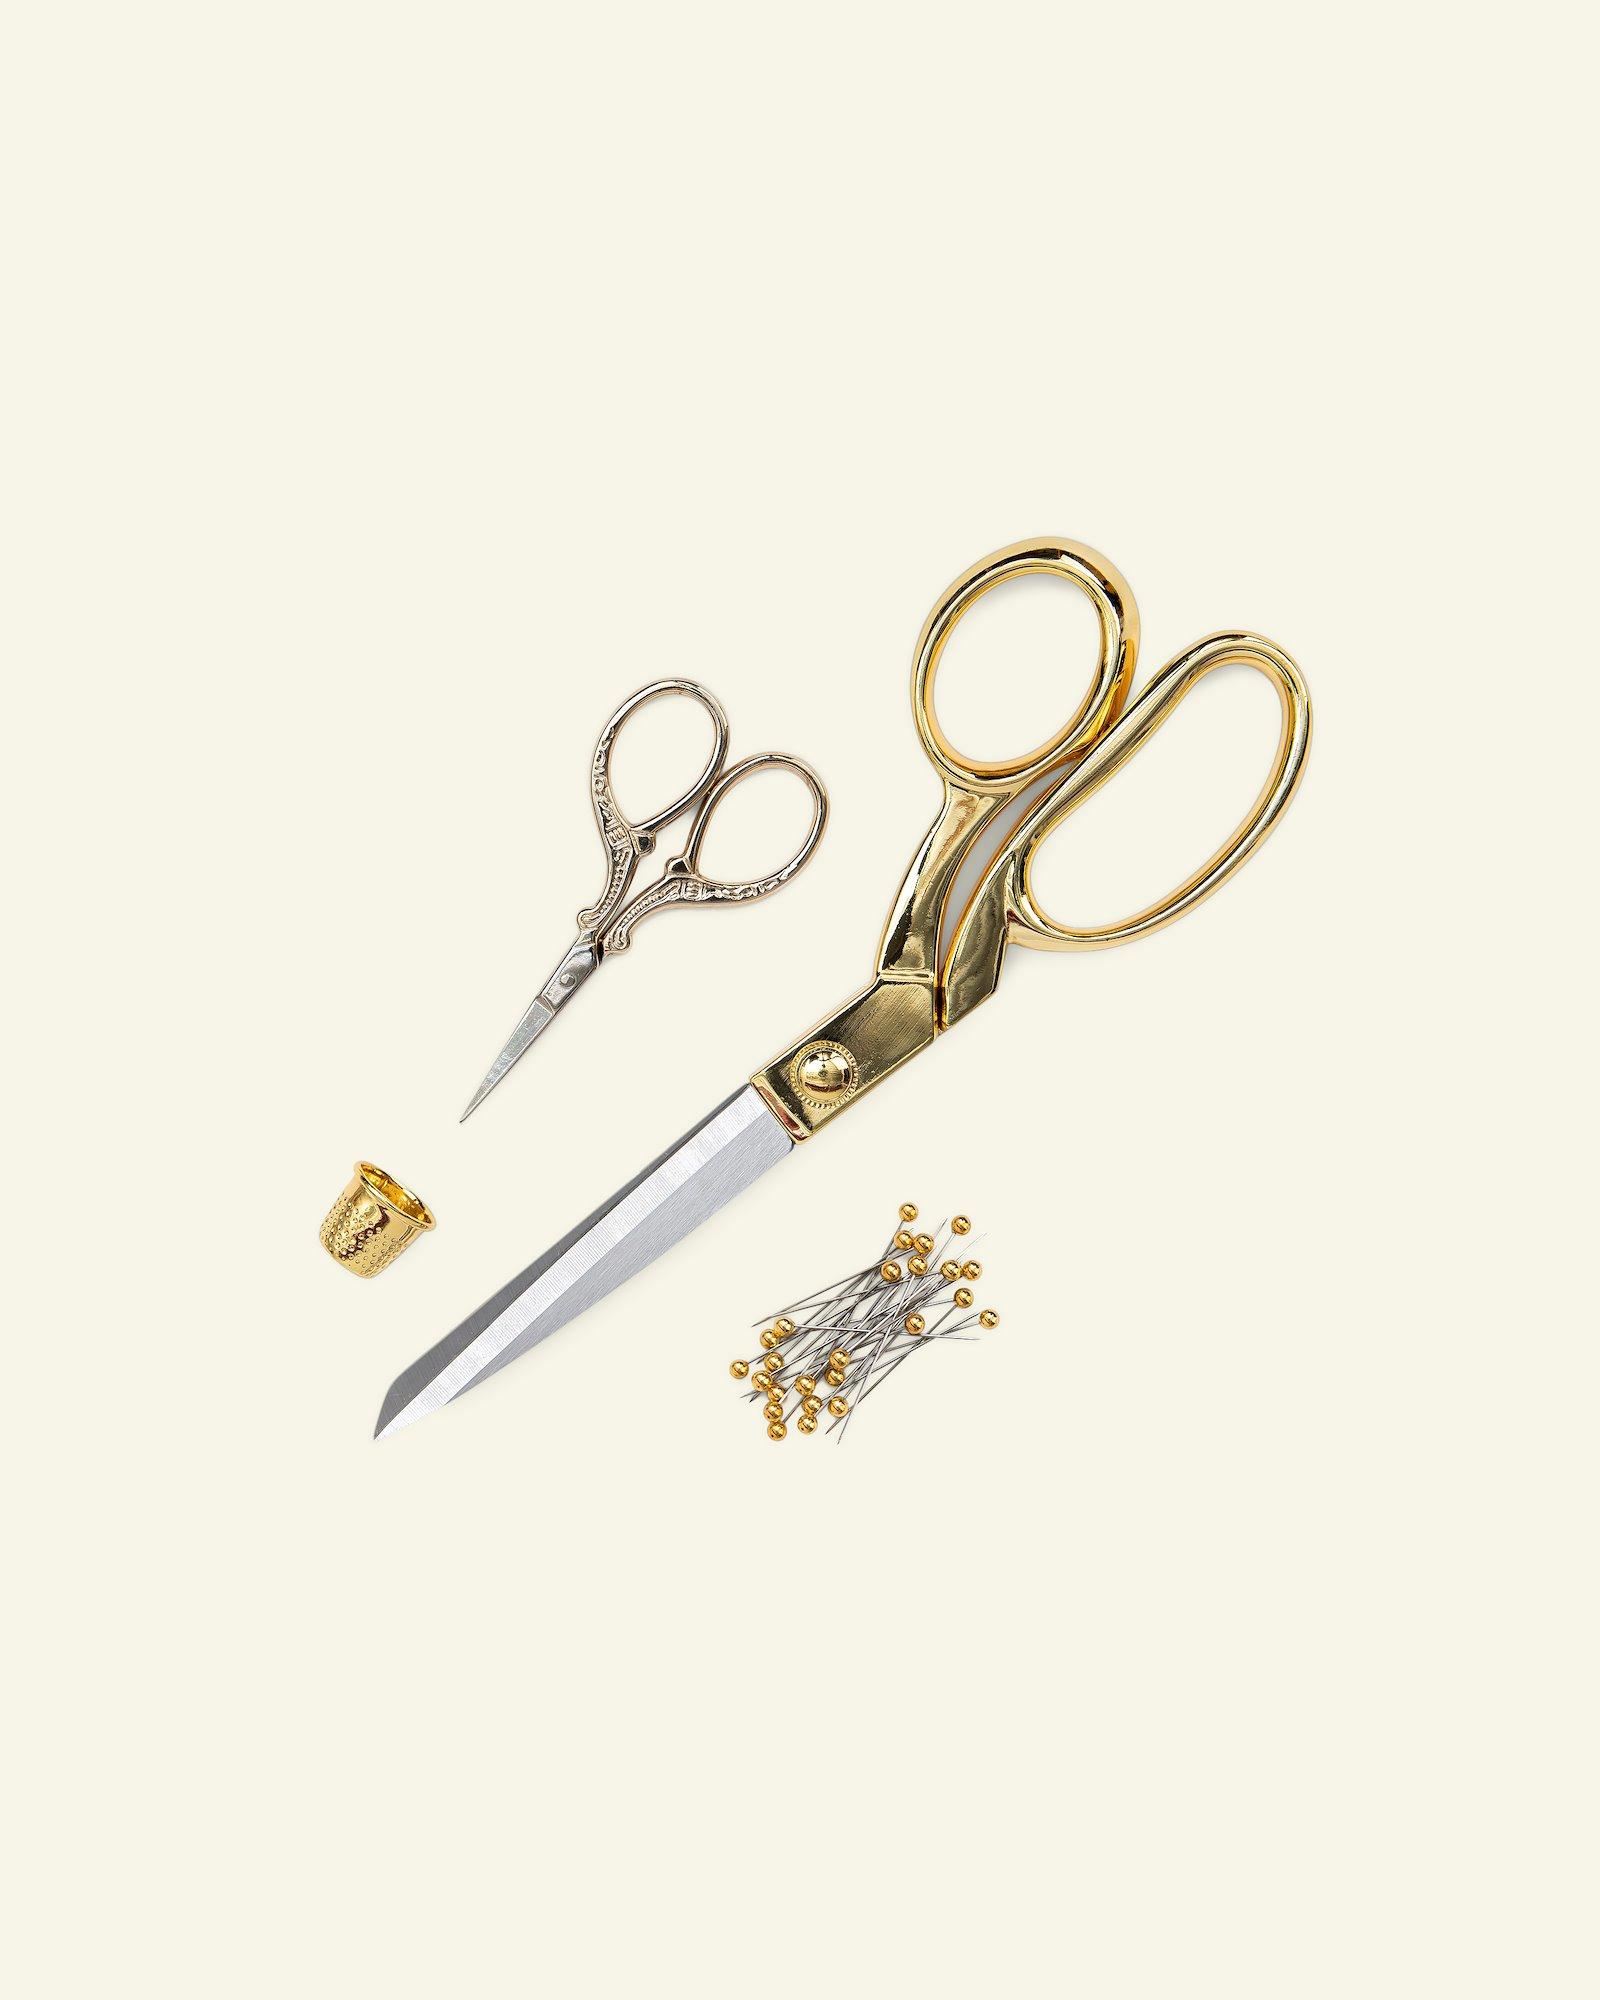 Pair of scissors 21cm/9cm gold